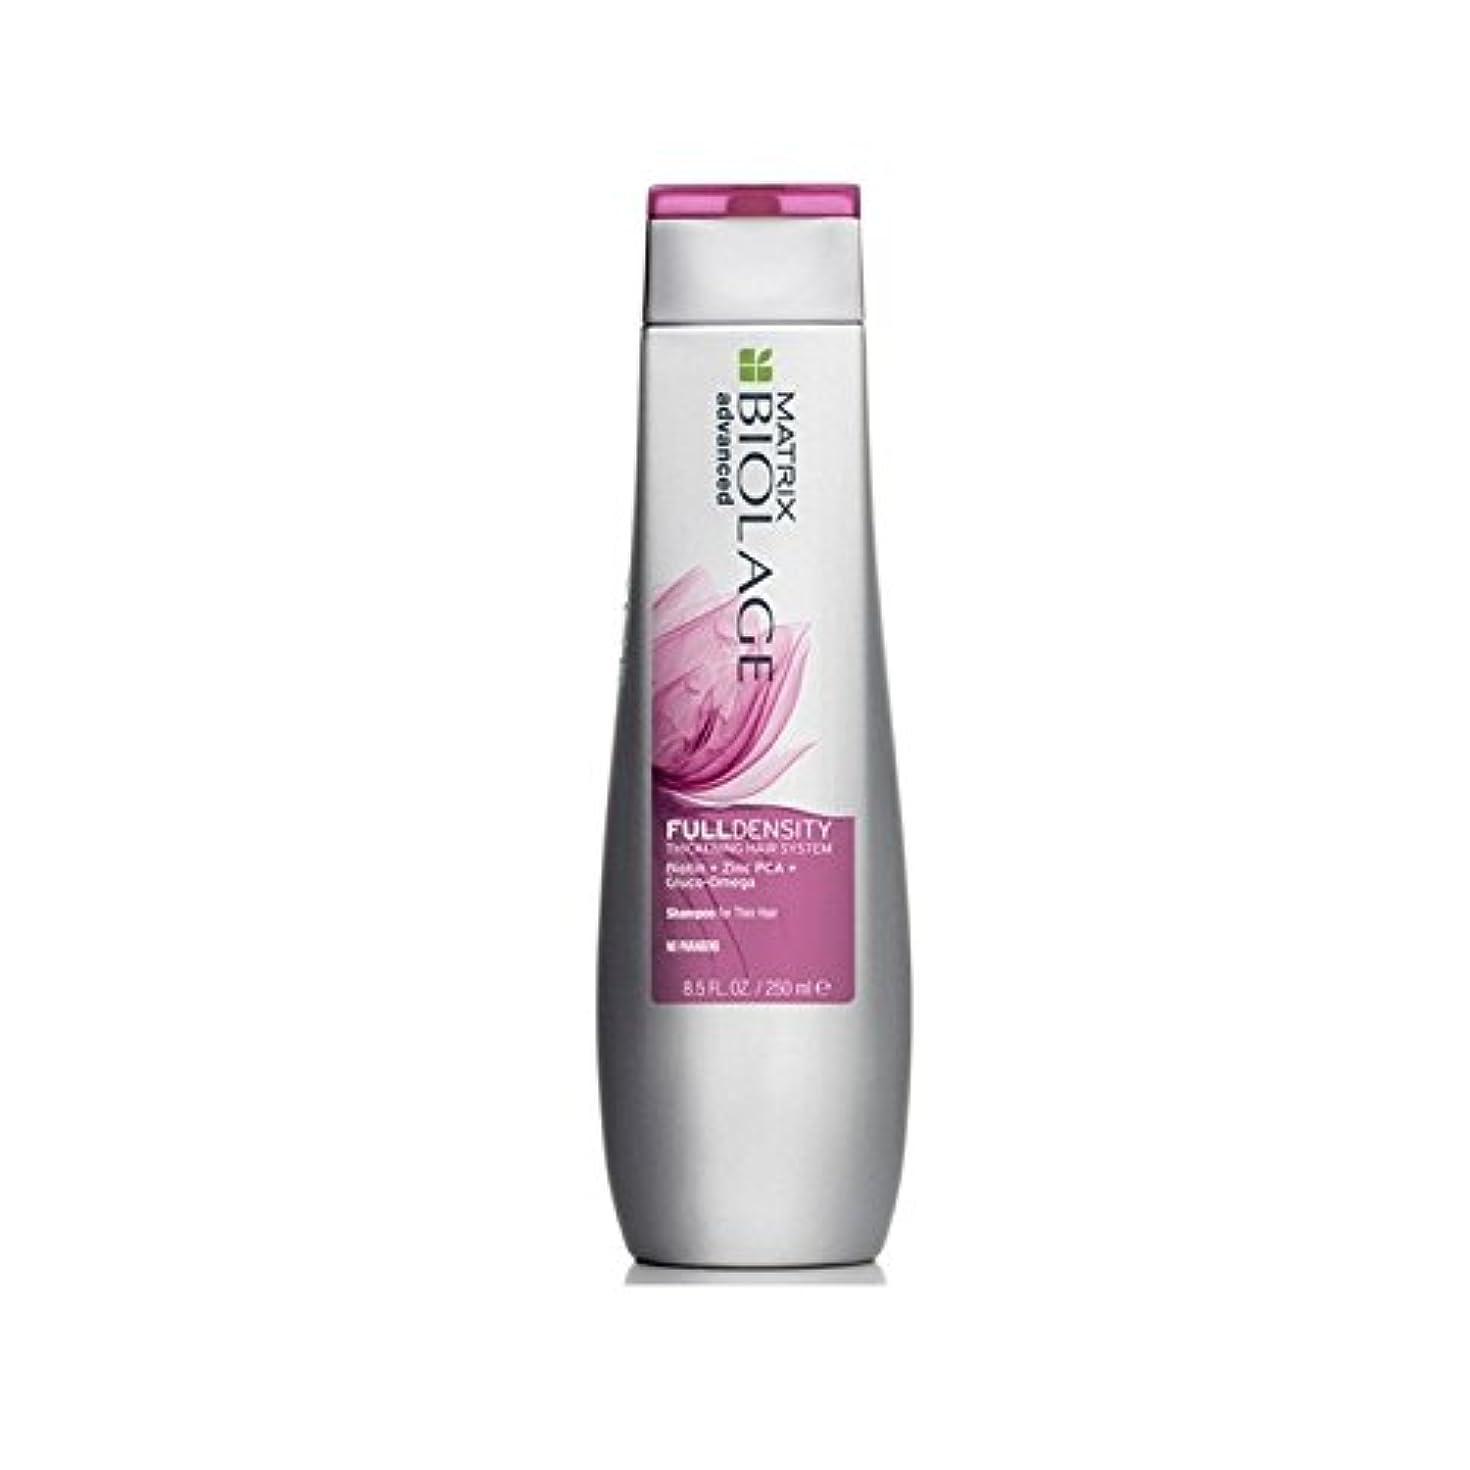 甥リストリースマトリックスバイオレイジ完全密度シャンプー(250ミリリットル) x4 - Matrix Biolage Full Density Shampoo (250ml) (Pack of 4) [並行輸入品]